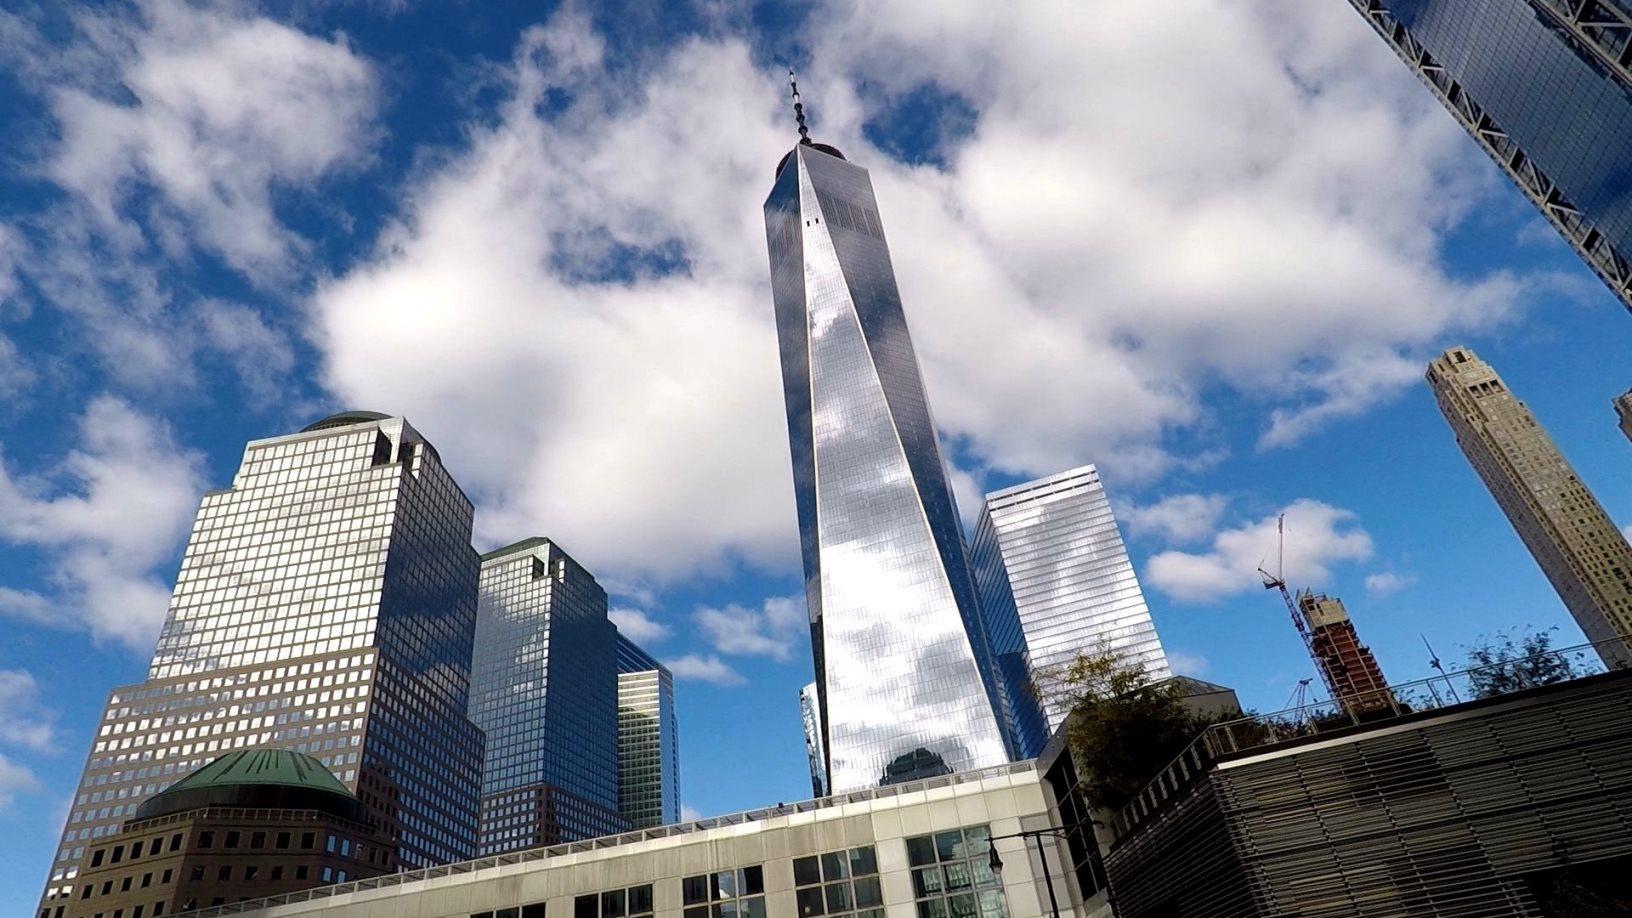 One World Trade Center (1 WTC) - Freedom Tower - erbaut in den Jahren von 2006 bis 2014